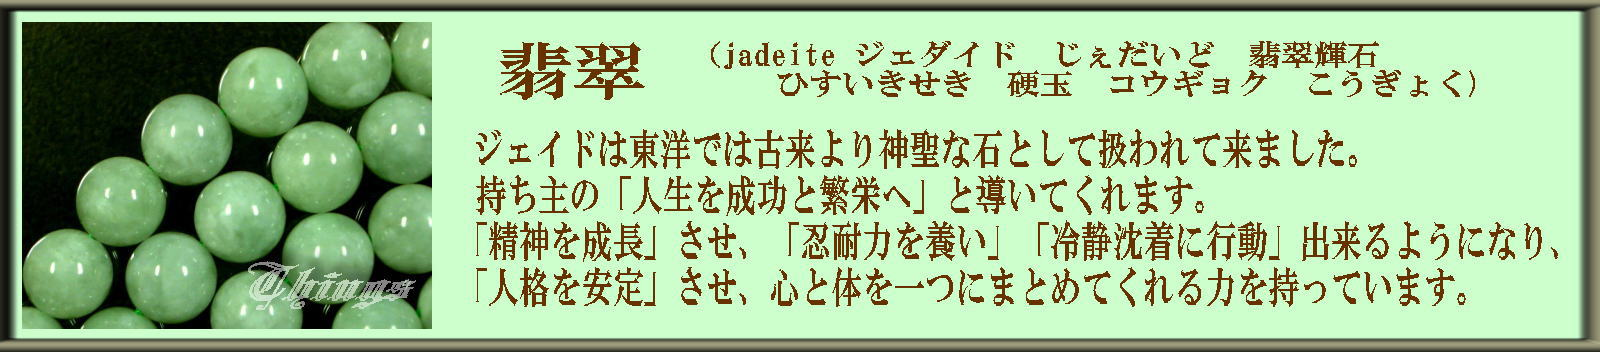 ◆翡翠 jadeite ジェダイド じぇだいど 翡翠輝石 ヒスイキセキ ひすいきせき 硬玉 コウギョク こうぎょく◆